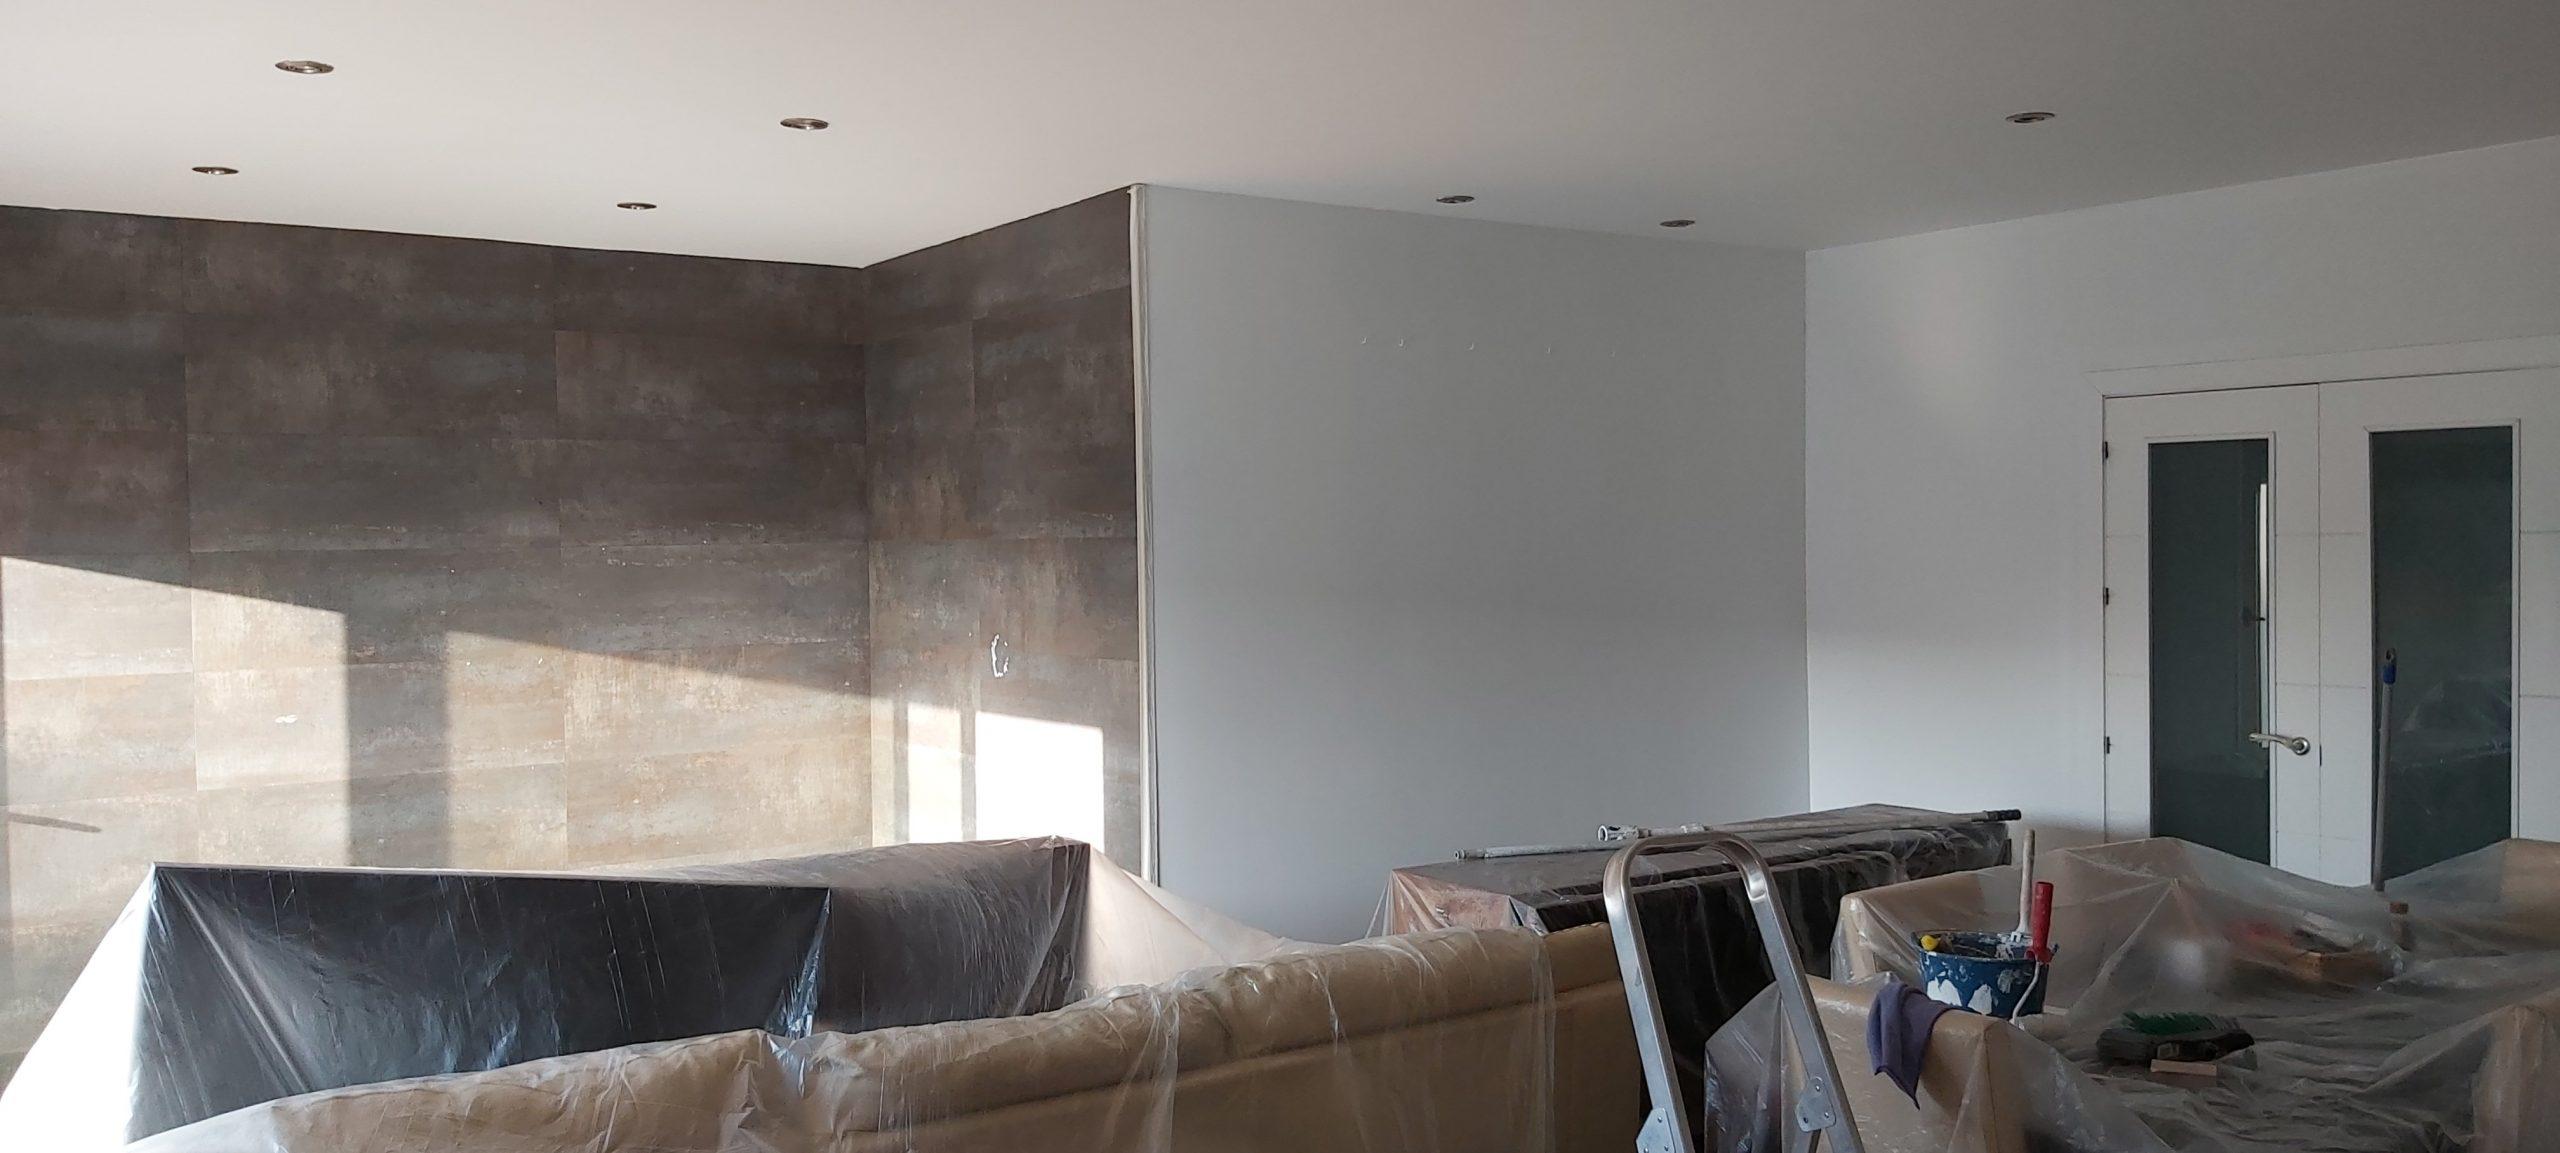 Pintar el interior de tu casa. Pintado de salón